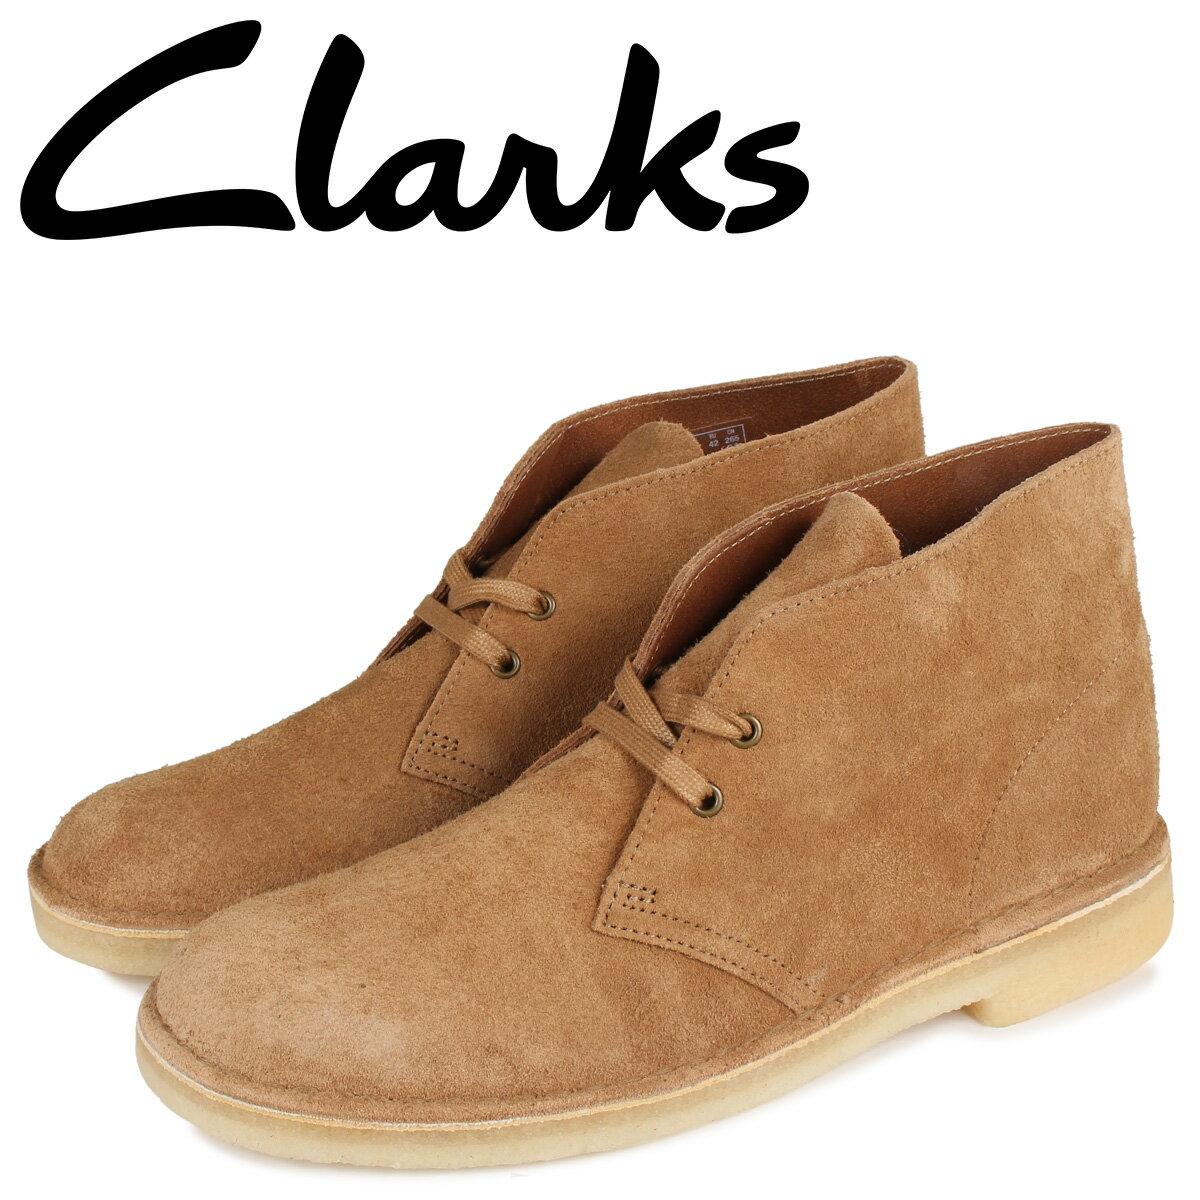 クラークス CLARKS デザート ブーツ メンズ DESERT BOOT ブラウン 26154727 [10月 新入荷]